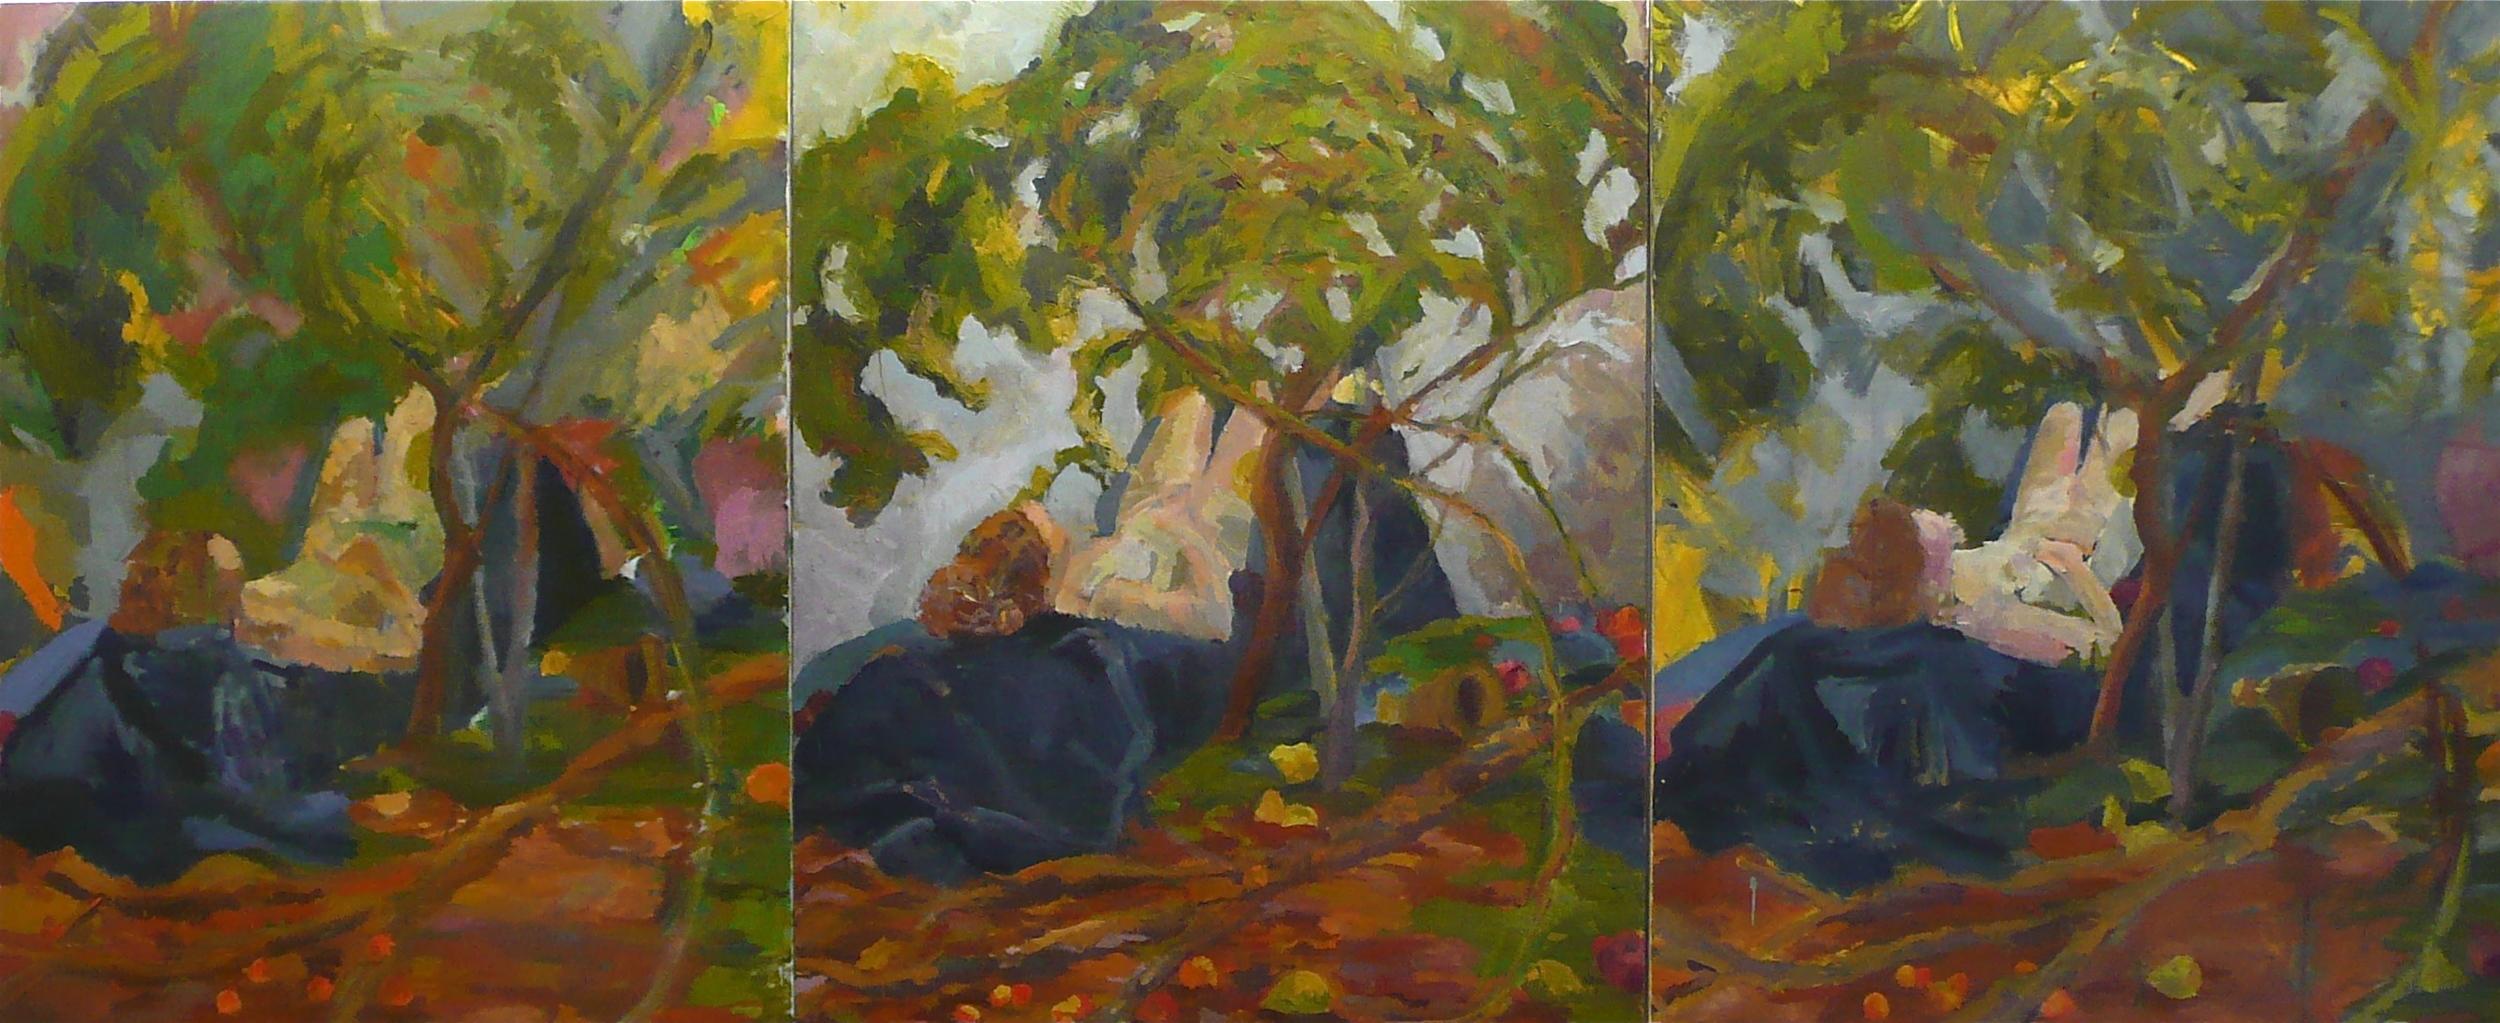 Harmony in Triptych